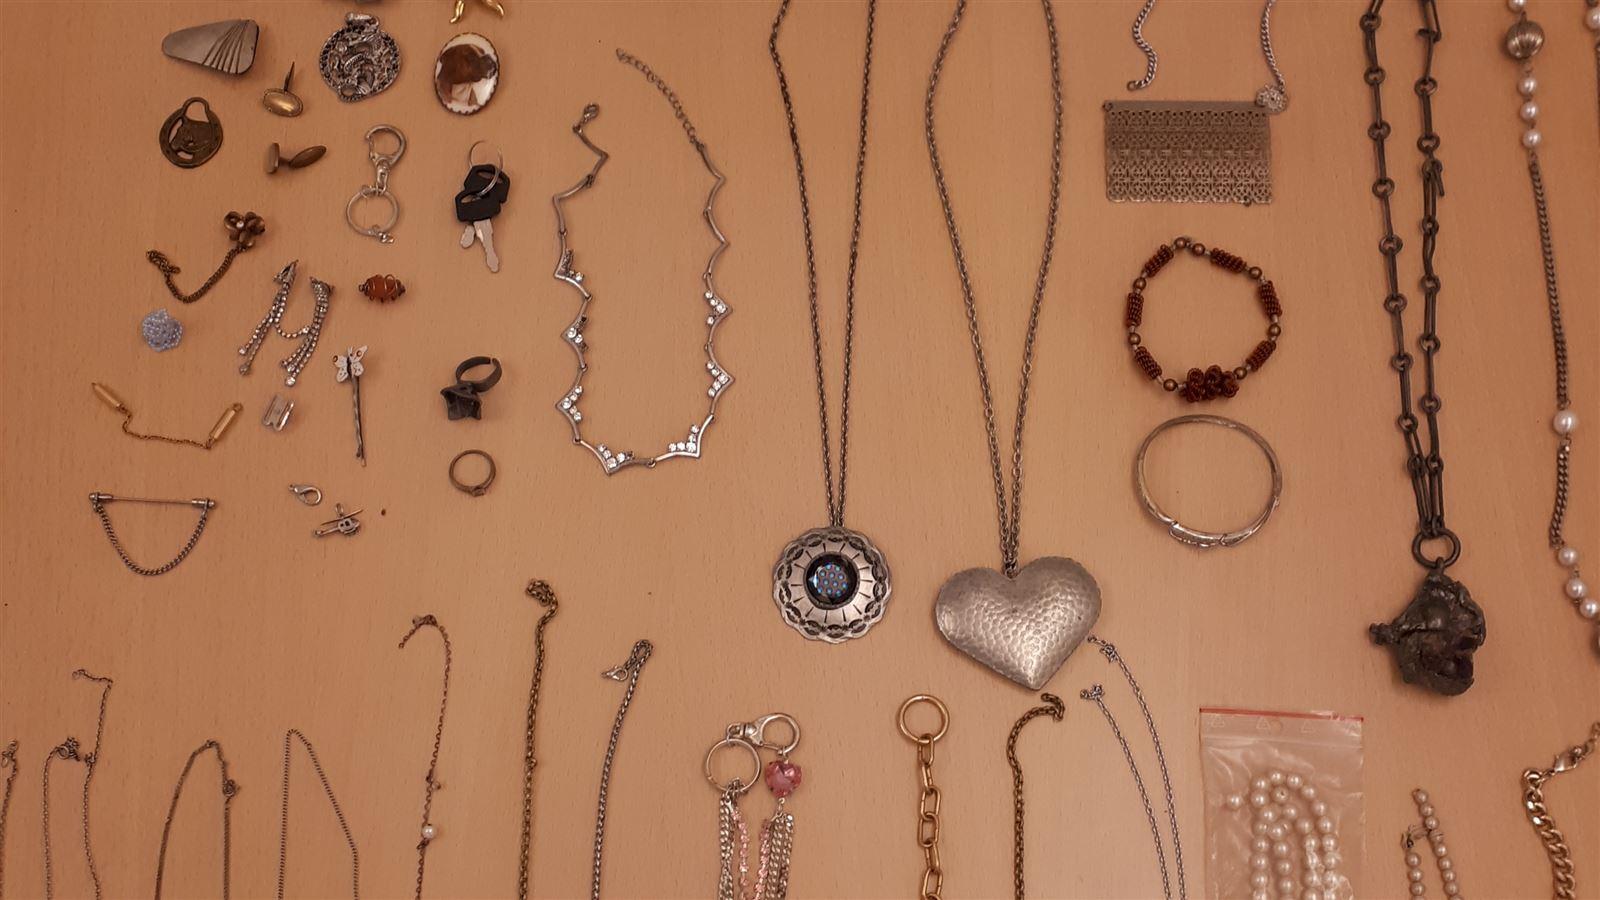 billede af en række smykker